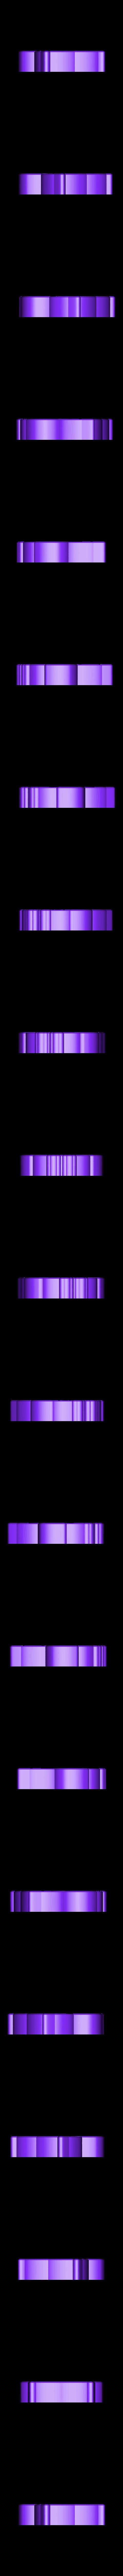 Owl5.stl Télécharger fichier STL gratuit Simple Owl Cookie-Cutter • Plan imprimable en 3D, Yuval_Dascalu